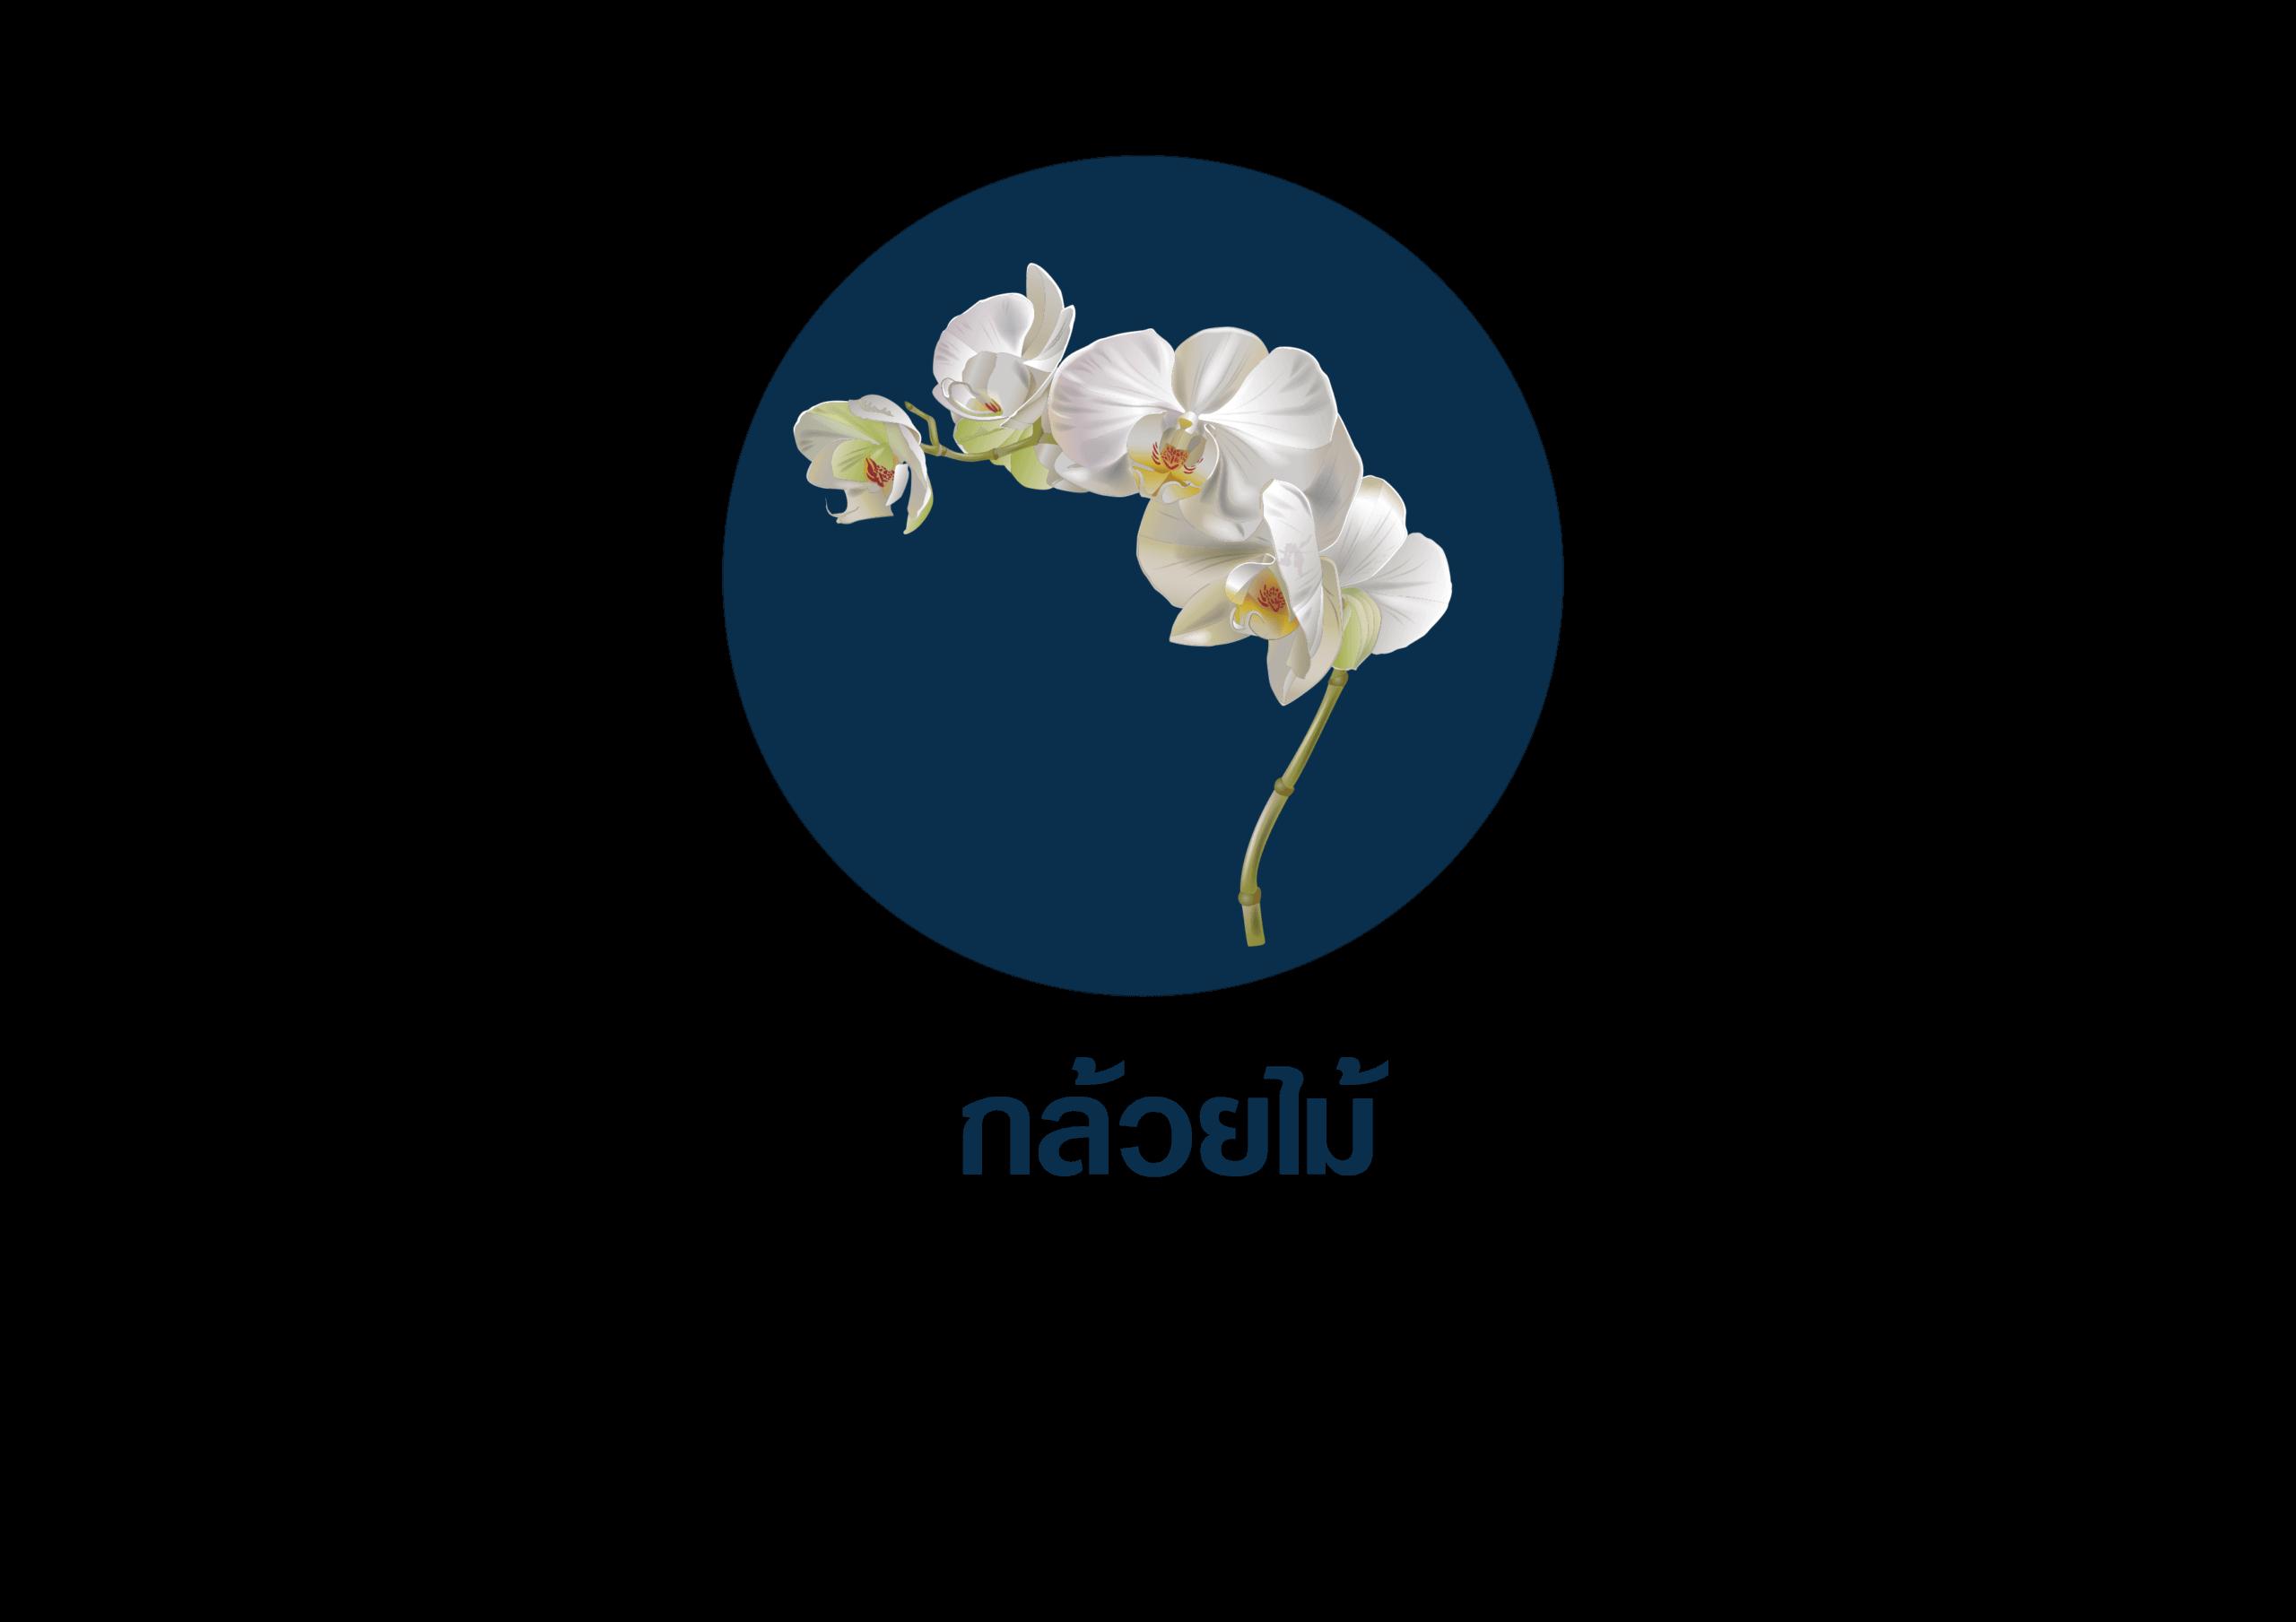 ดอกไม้ที่ใช้สำหรับจัดงานศพ 4